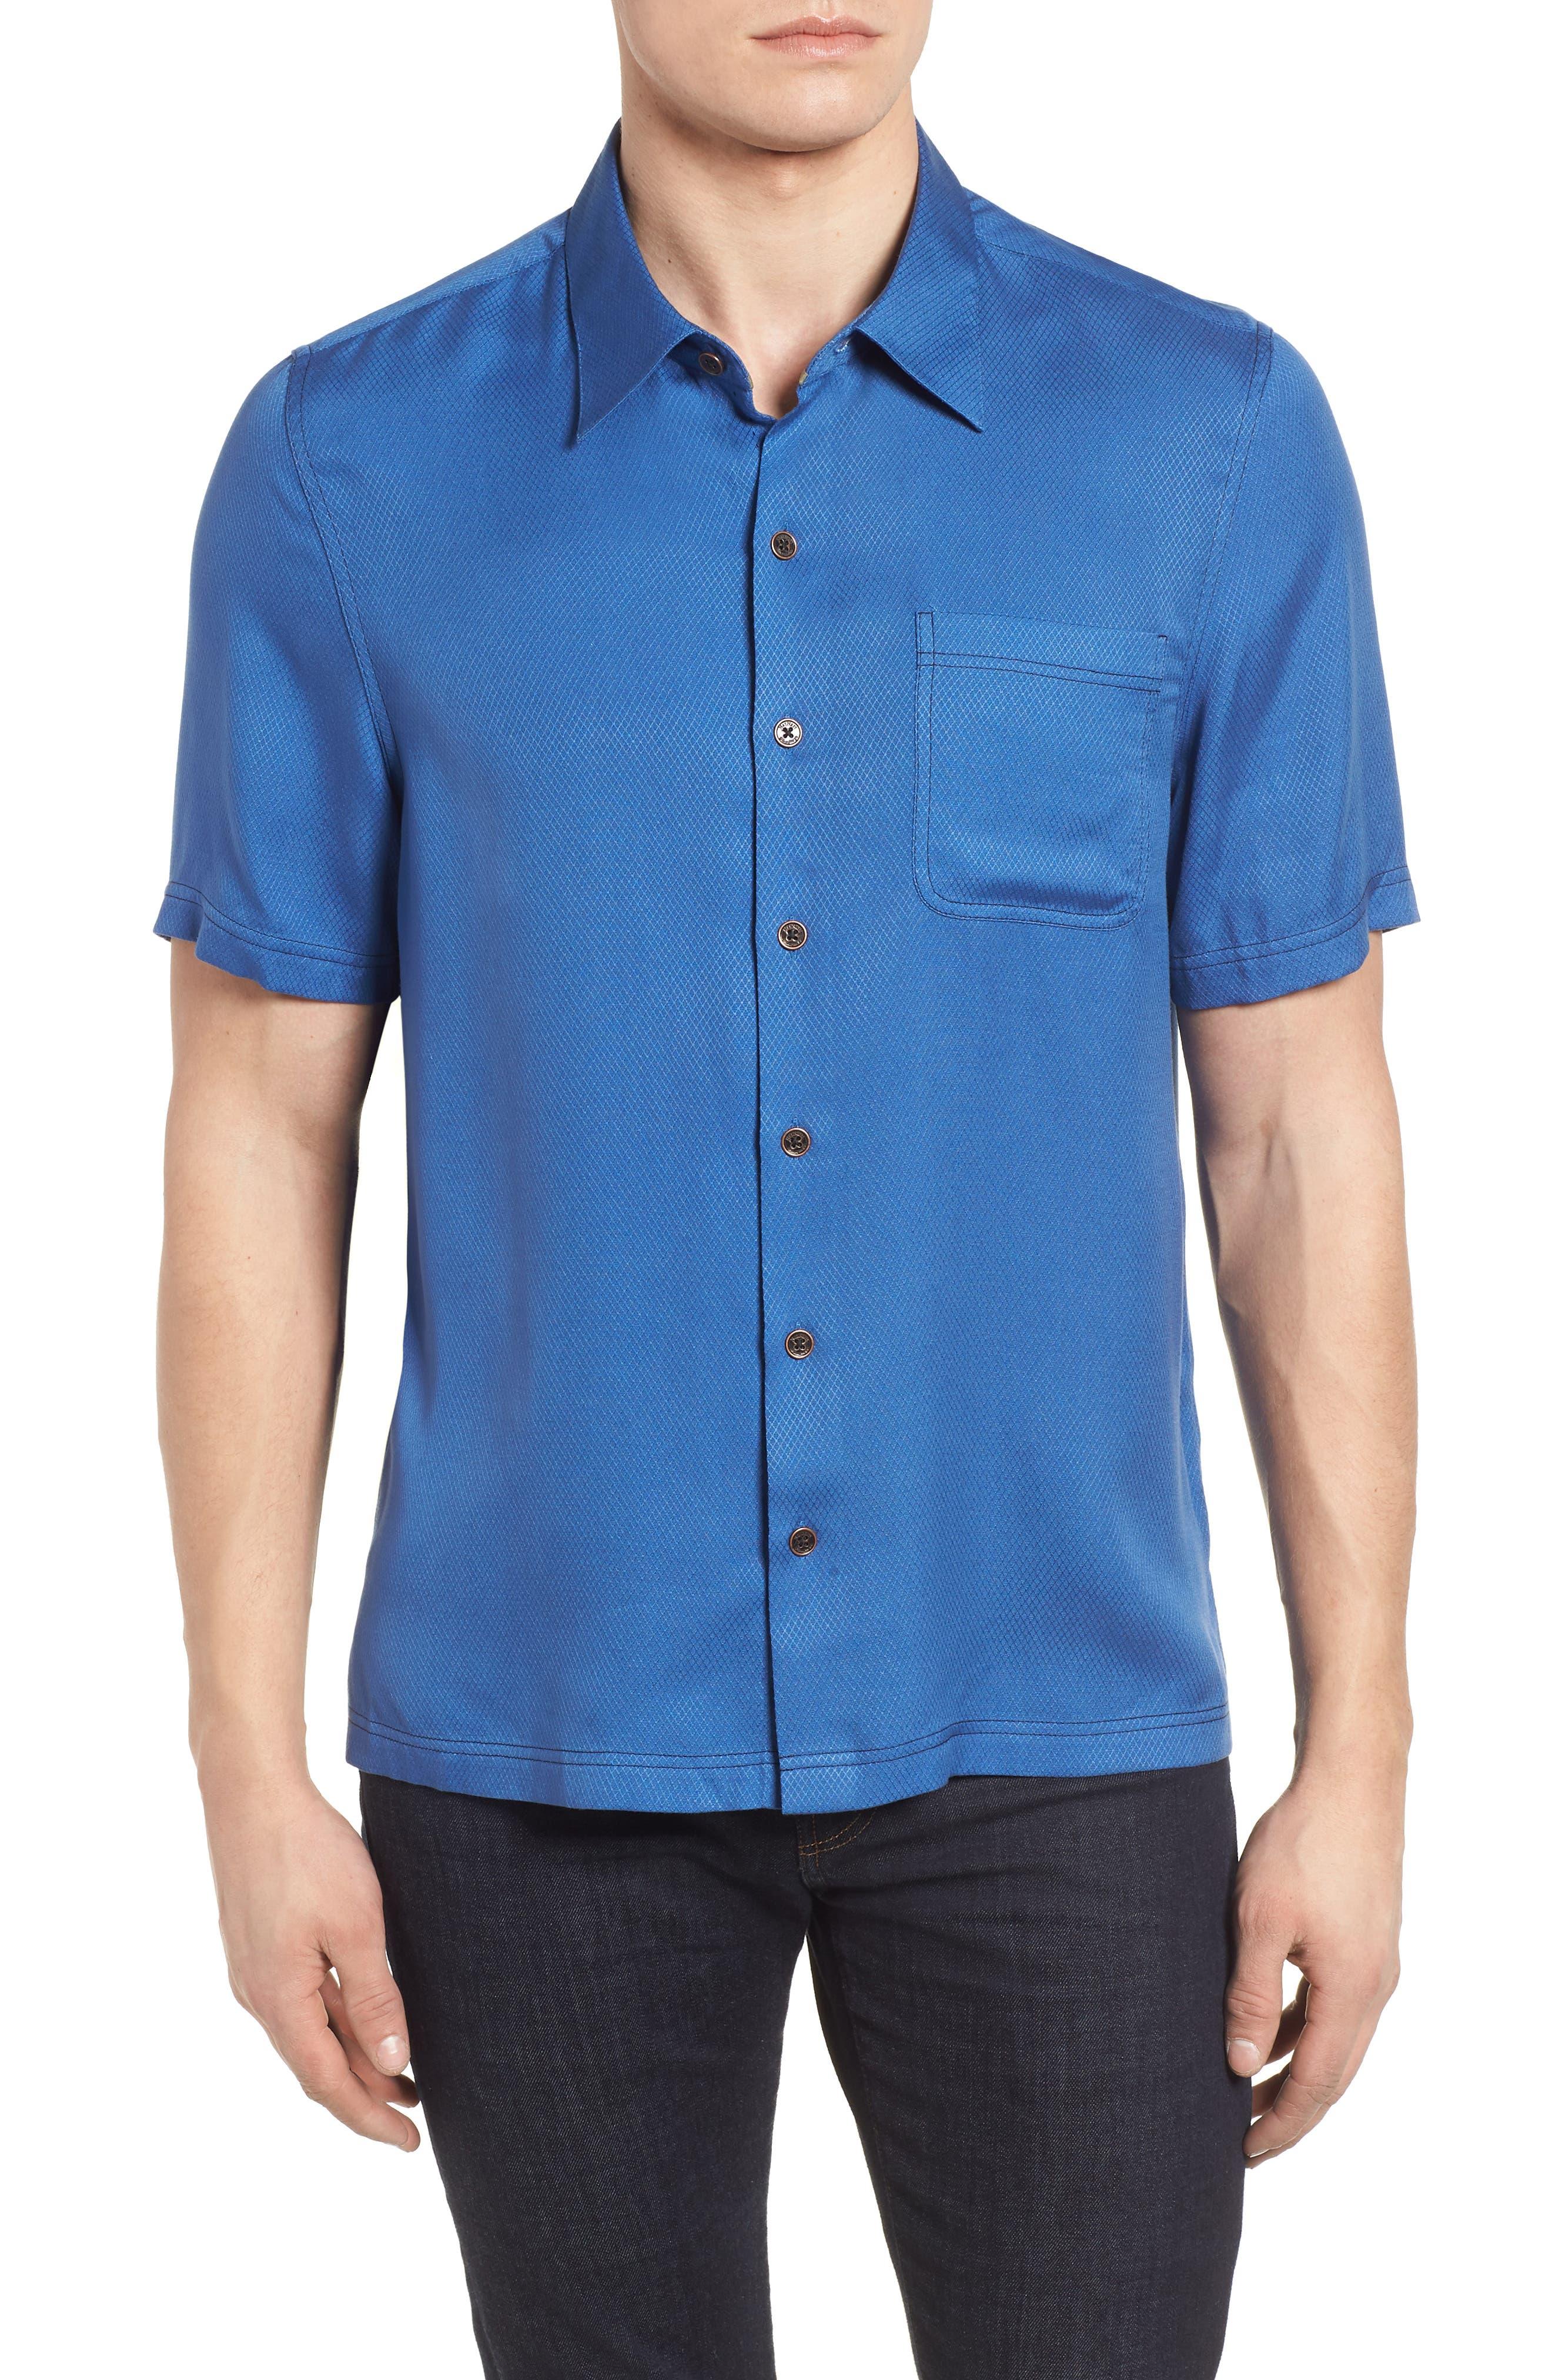 'Honeycomb' Regular Fit Short Sleeve Textured Sport Shirt,                         Main,                         color, Cobalt